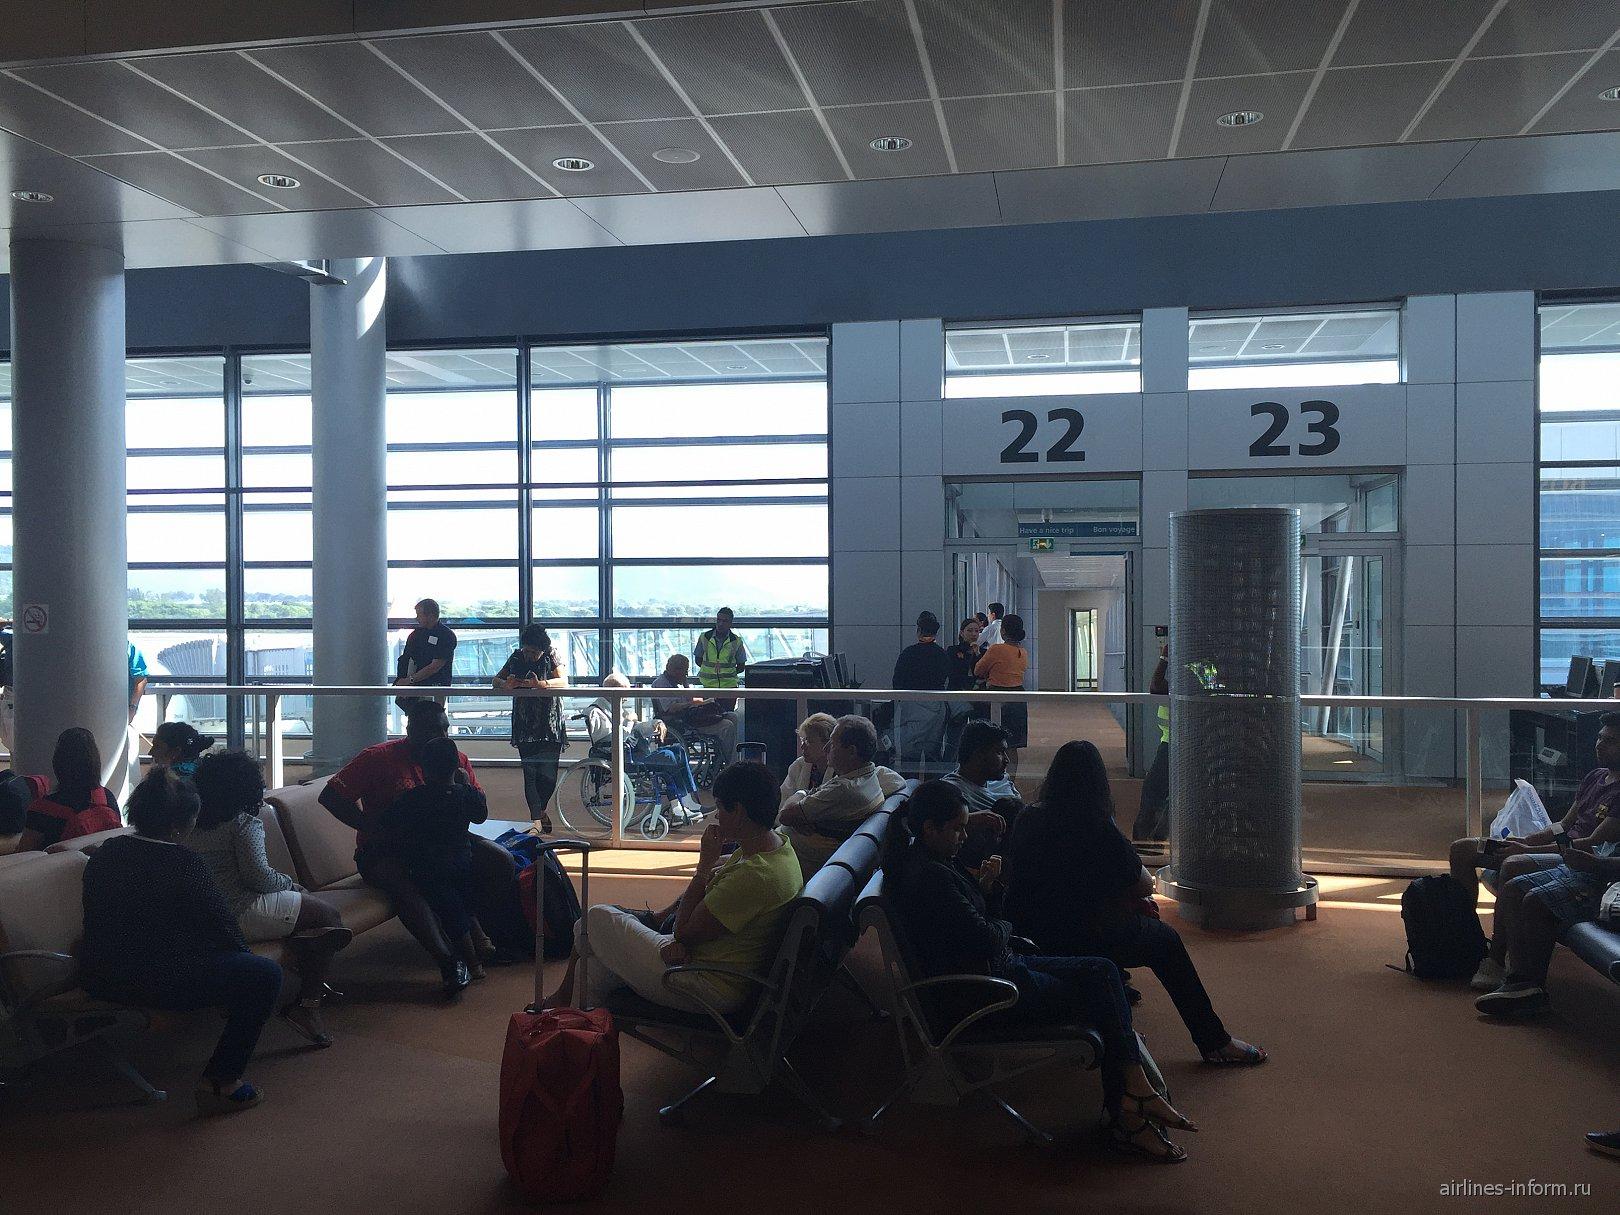 Выход на посадку в аэропорту Сэр Сивусагур Рамгулам